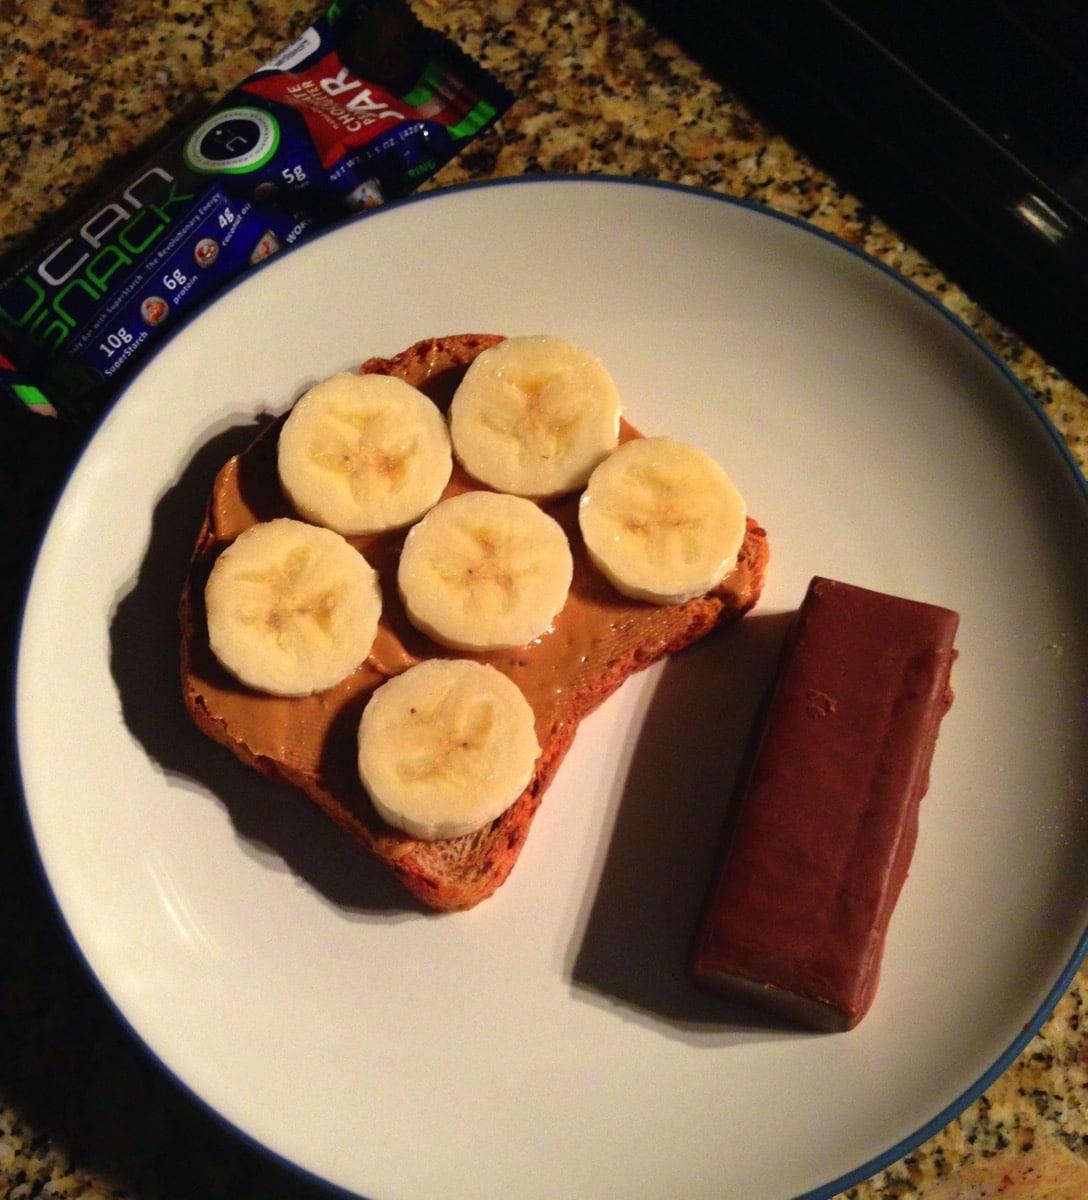 Pre half breakfast